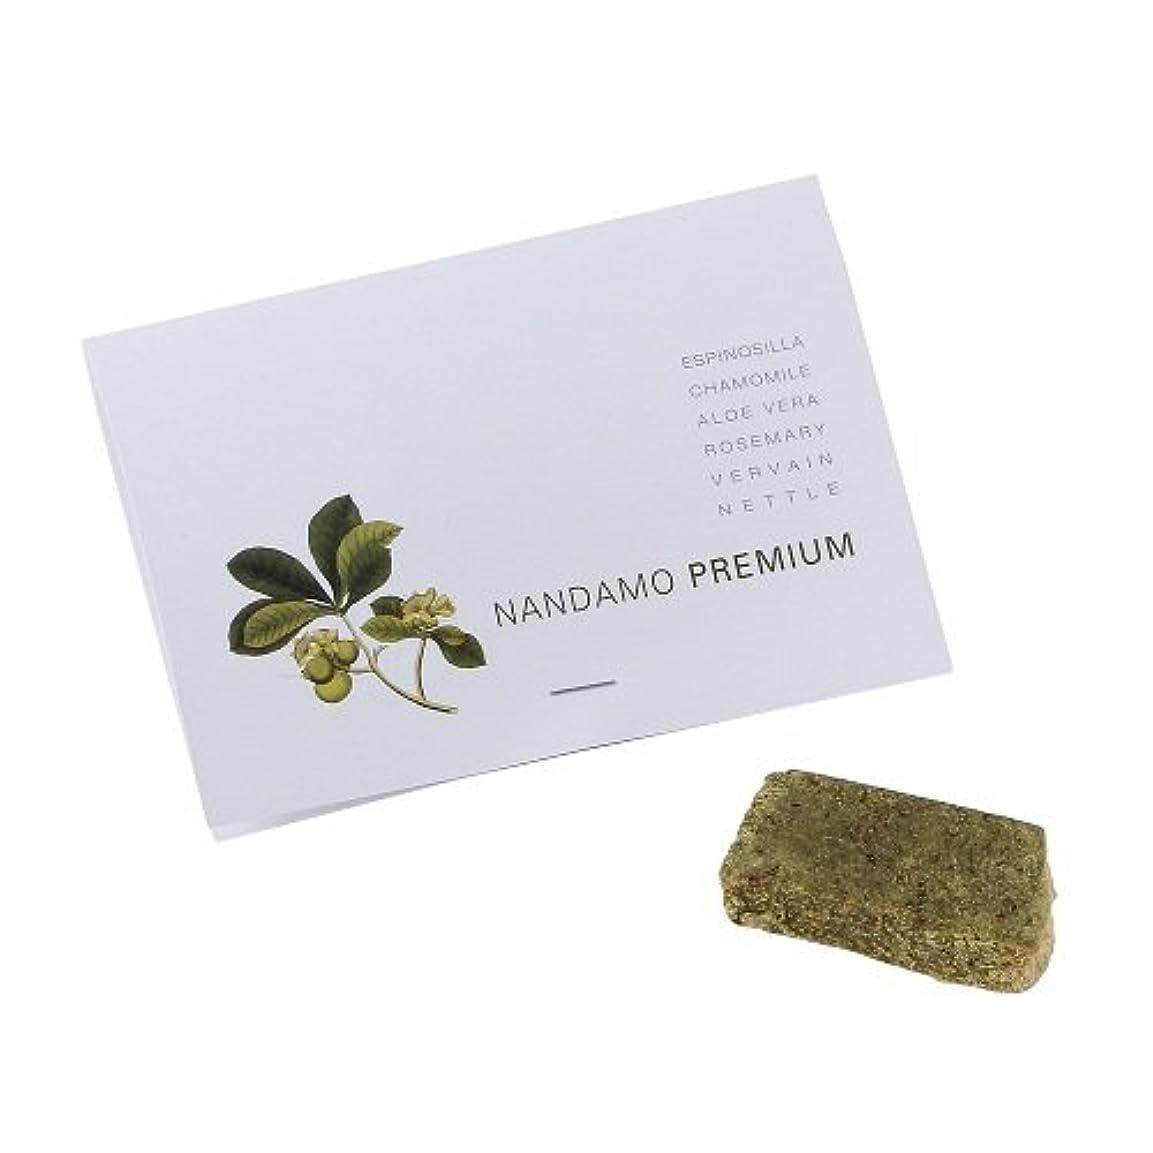 滅びる伸ばす祝福するNANDAMO PREMIUM(ナンダモプレミアム)ナンダモプレミアム12.5g